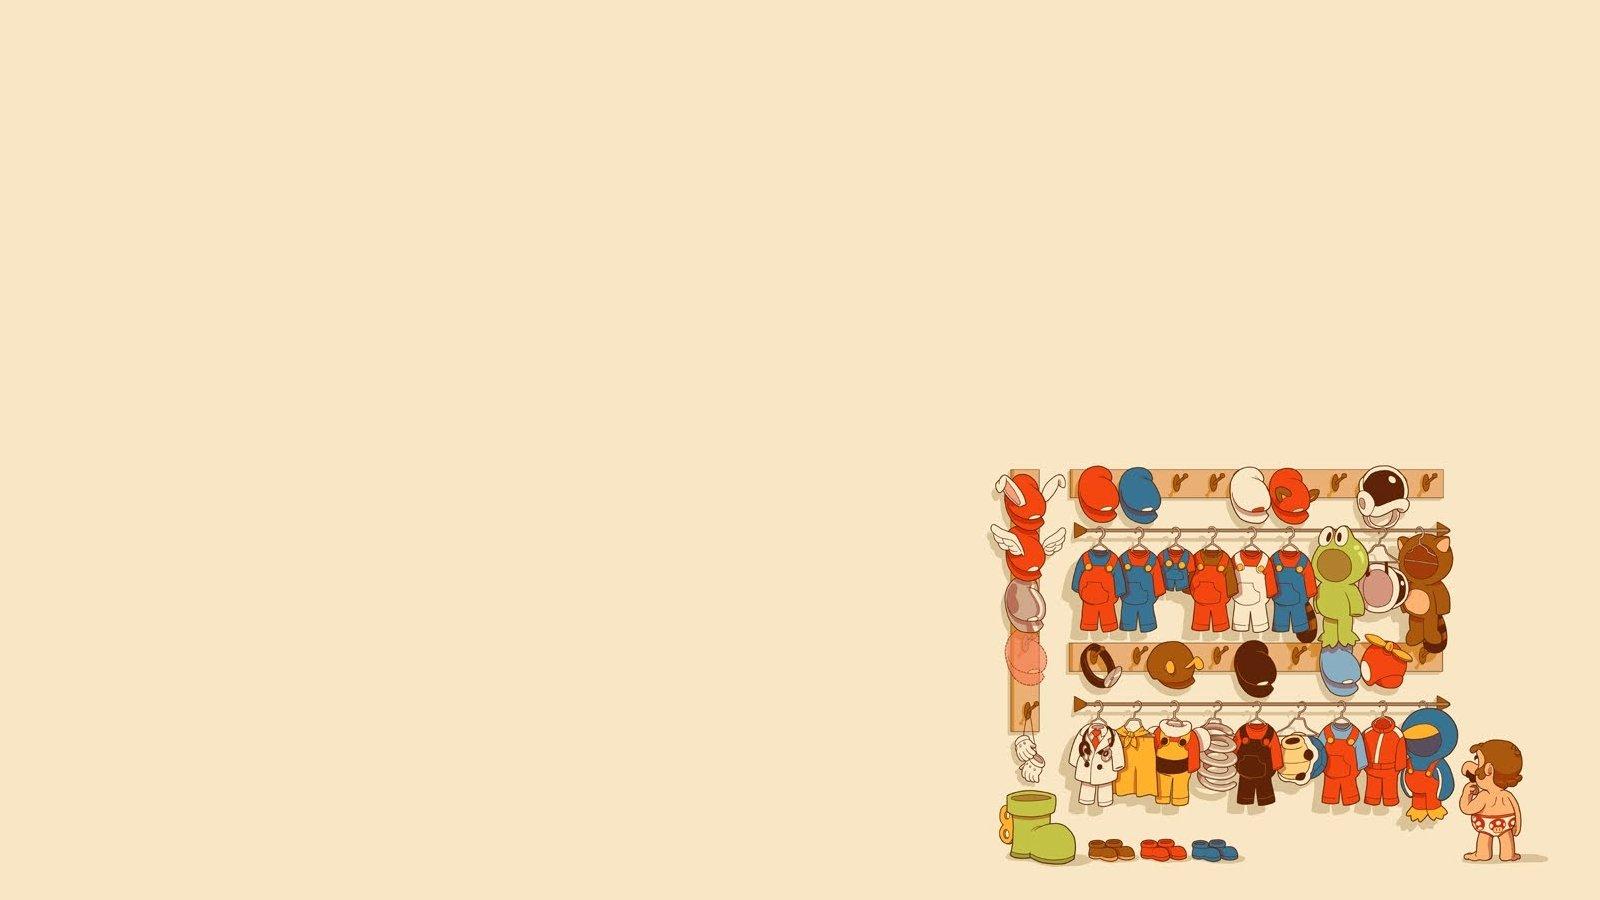 20+] Tumblr Laptop Wallpaper on WallpaperSafari